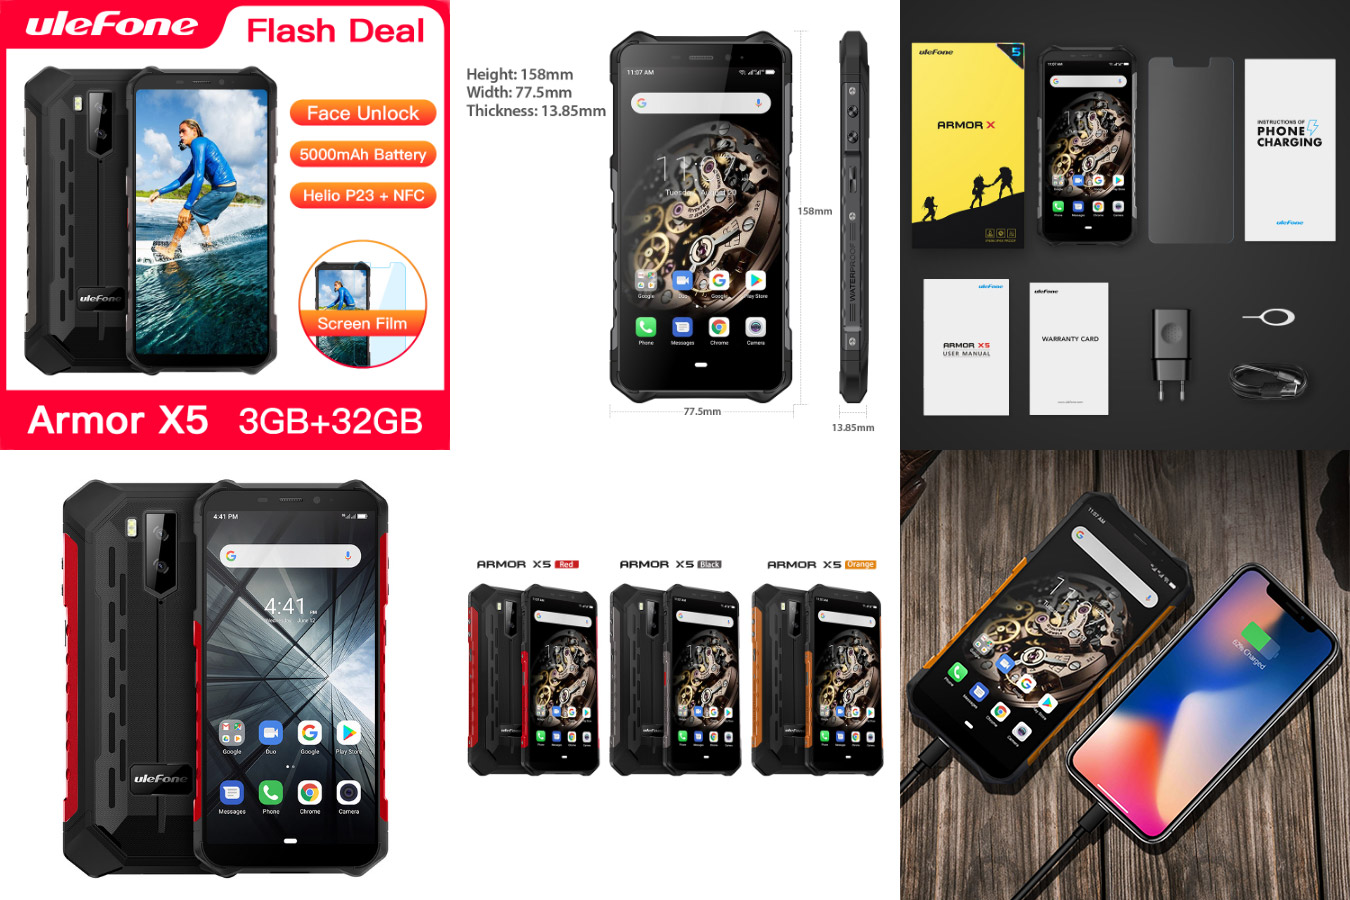 Мобильный телефон с мощным аккумулятором Ulefone Armor X5